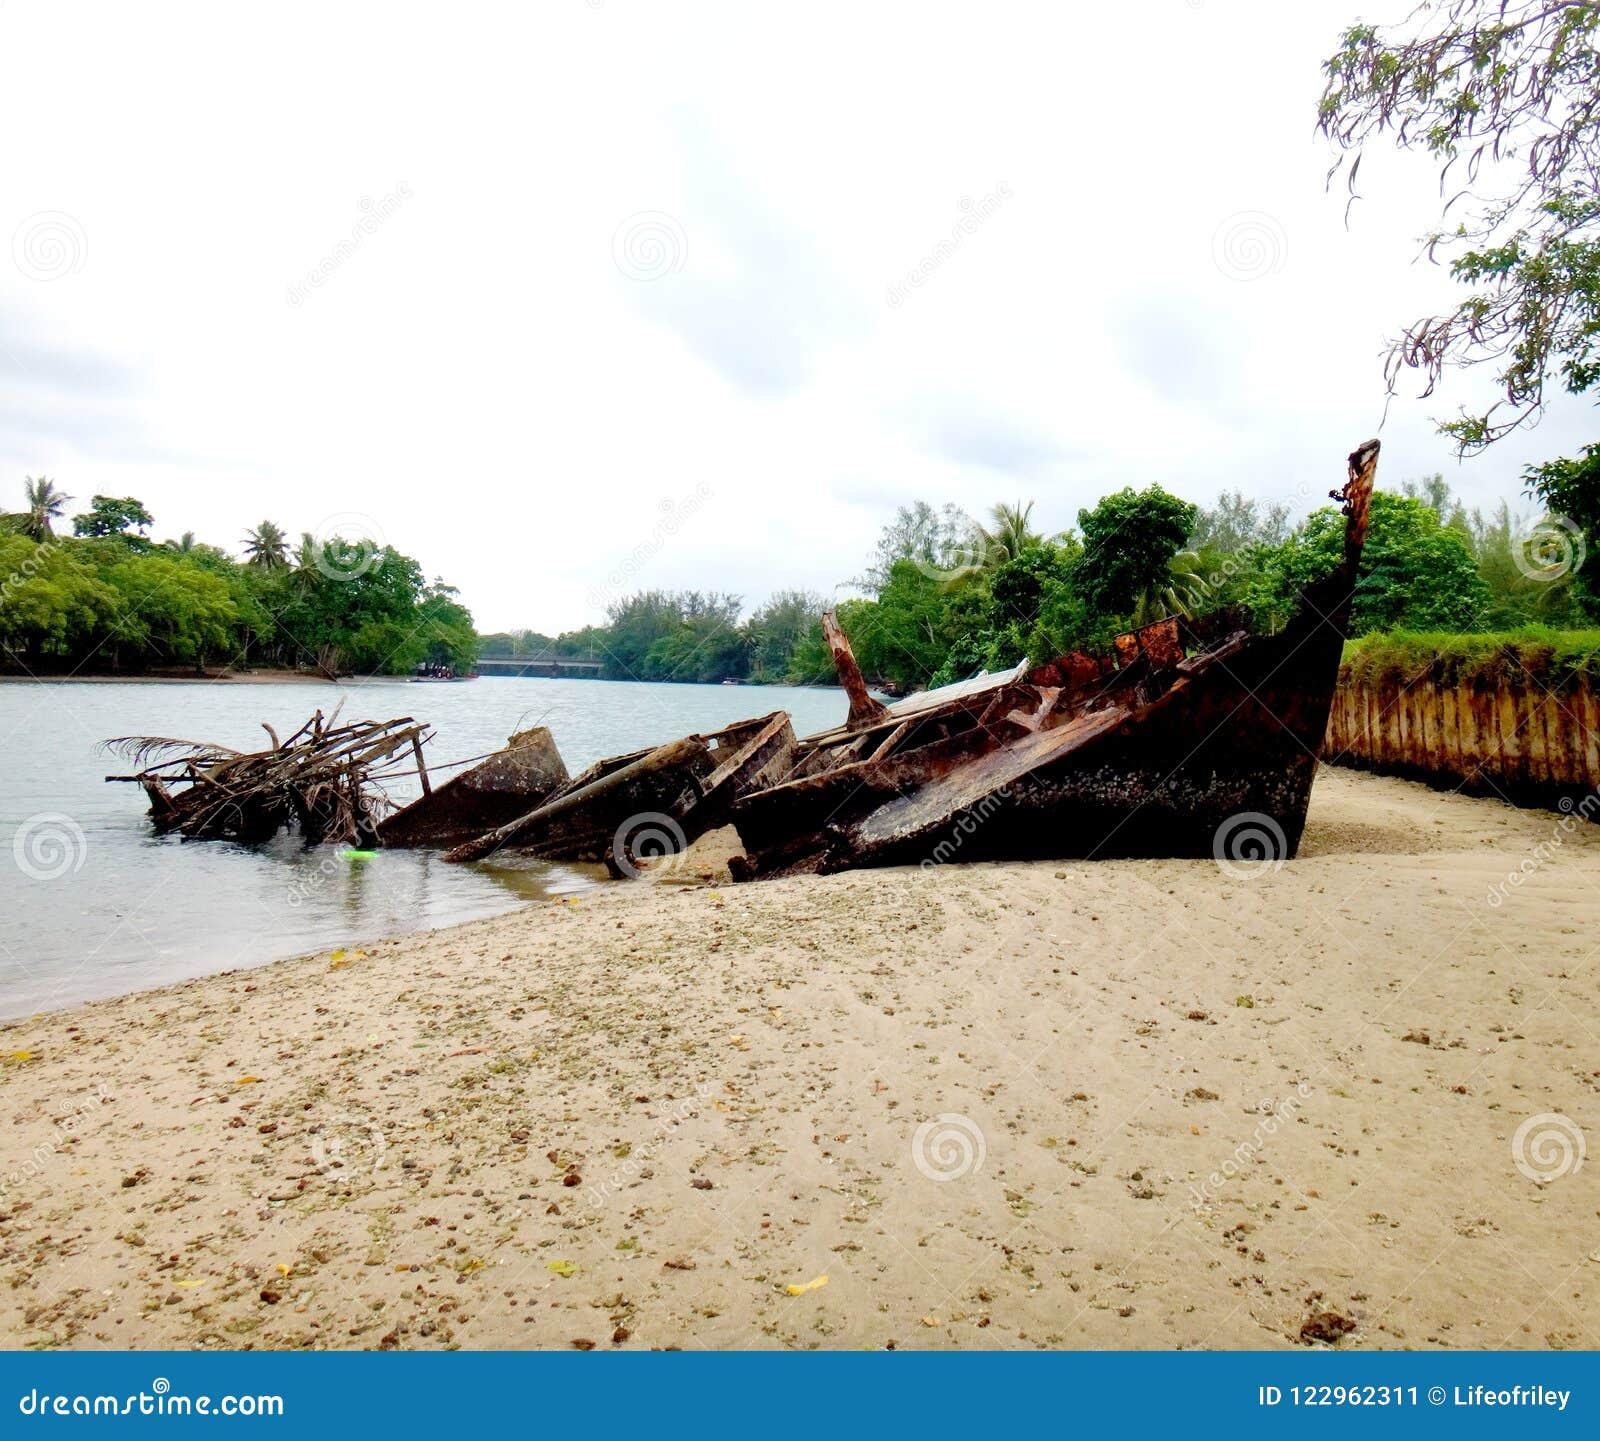 Vanuatu Beaches: Scene Of Luganville, Espiritu Santo, Vanuatu Stock Image